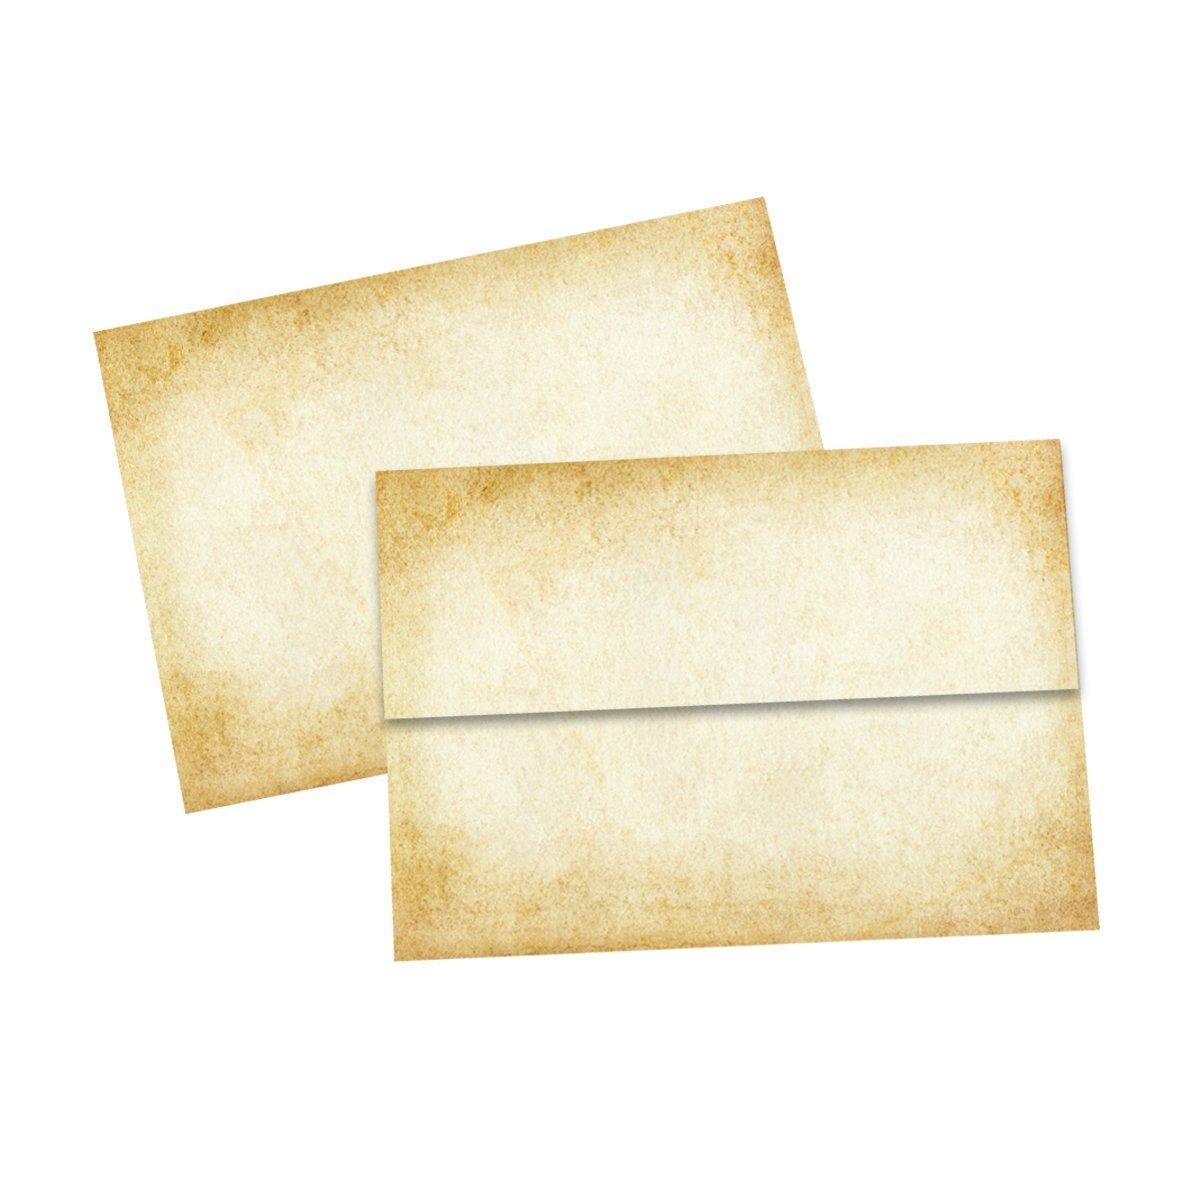 Aged Vintage-style Parchment Envelopes A6 size